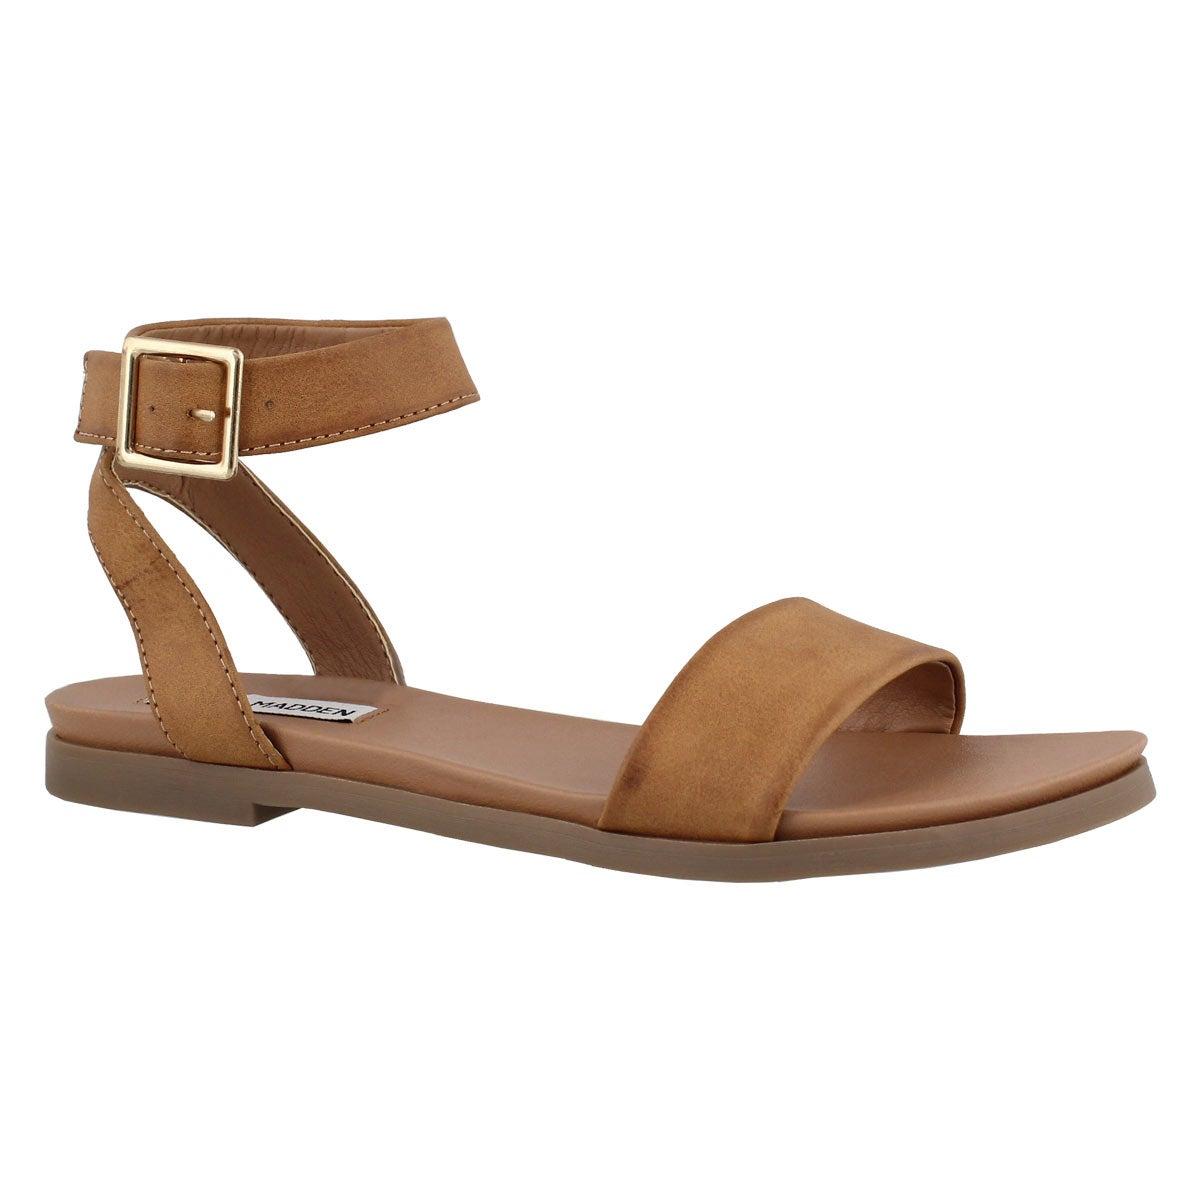 Women's PANA cognac ankle strap dress sandals